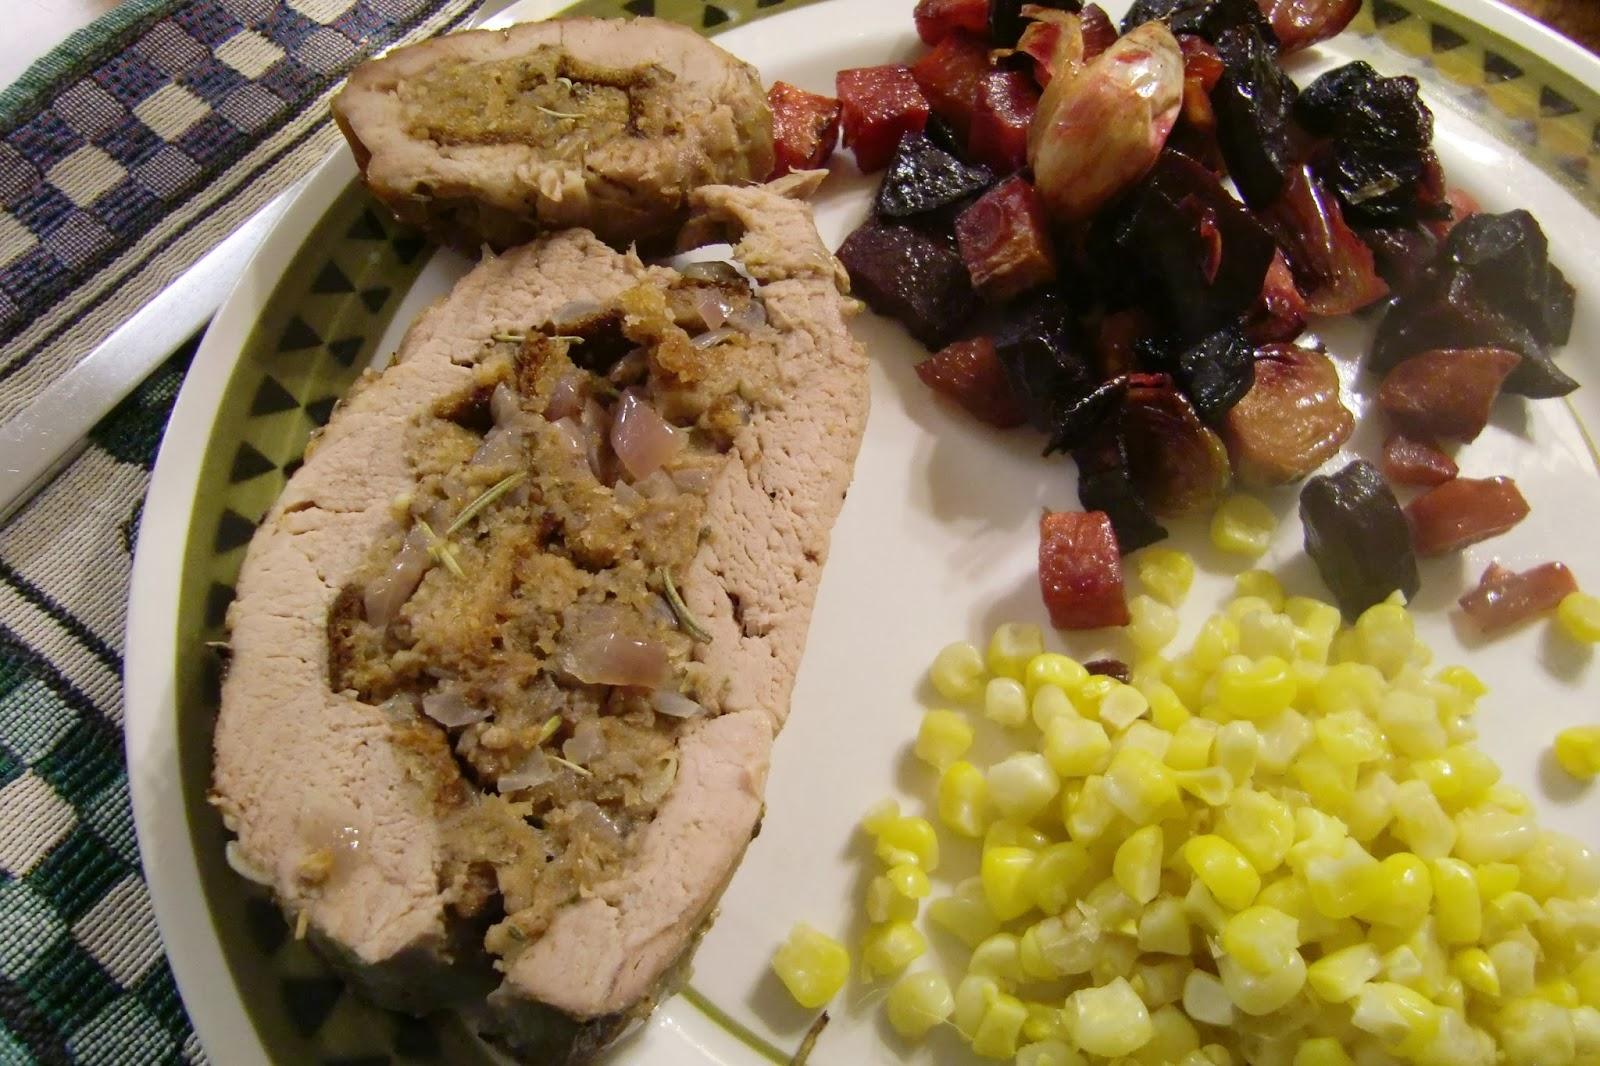 Supper Sunday: Stuffed Pork Tenderloin